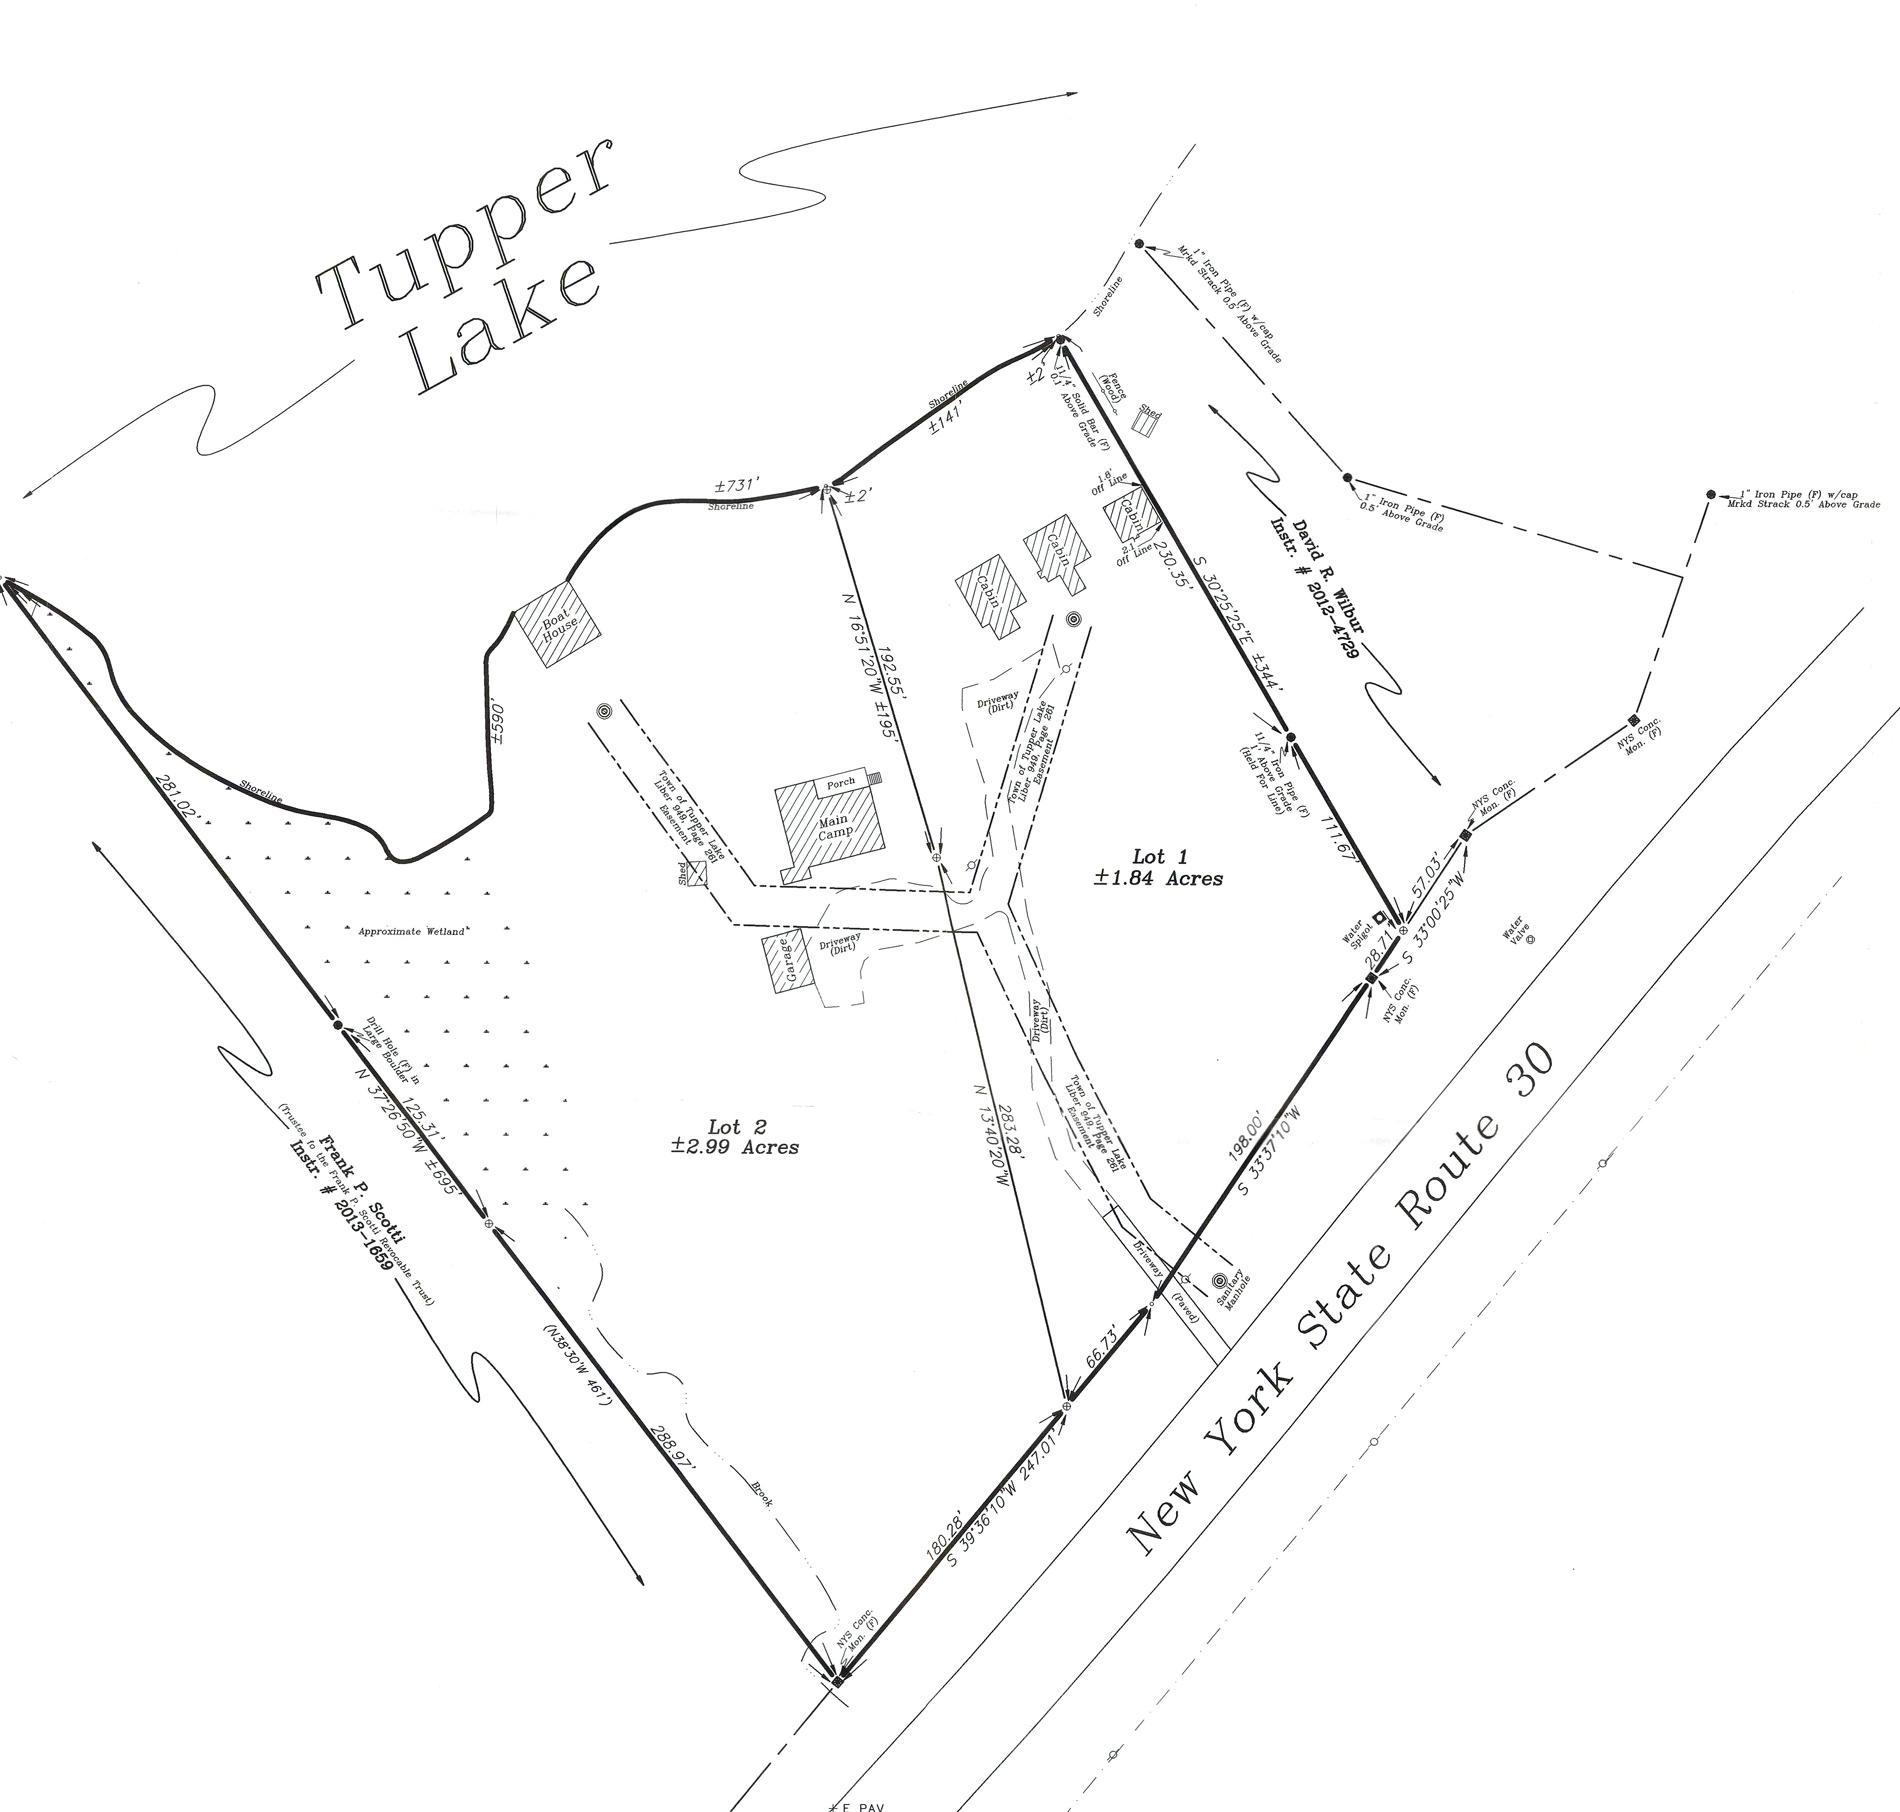 Tupper Lake Lakefront Cottages